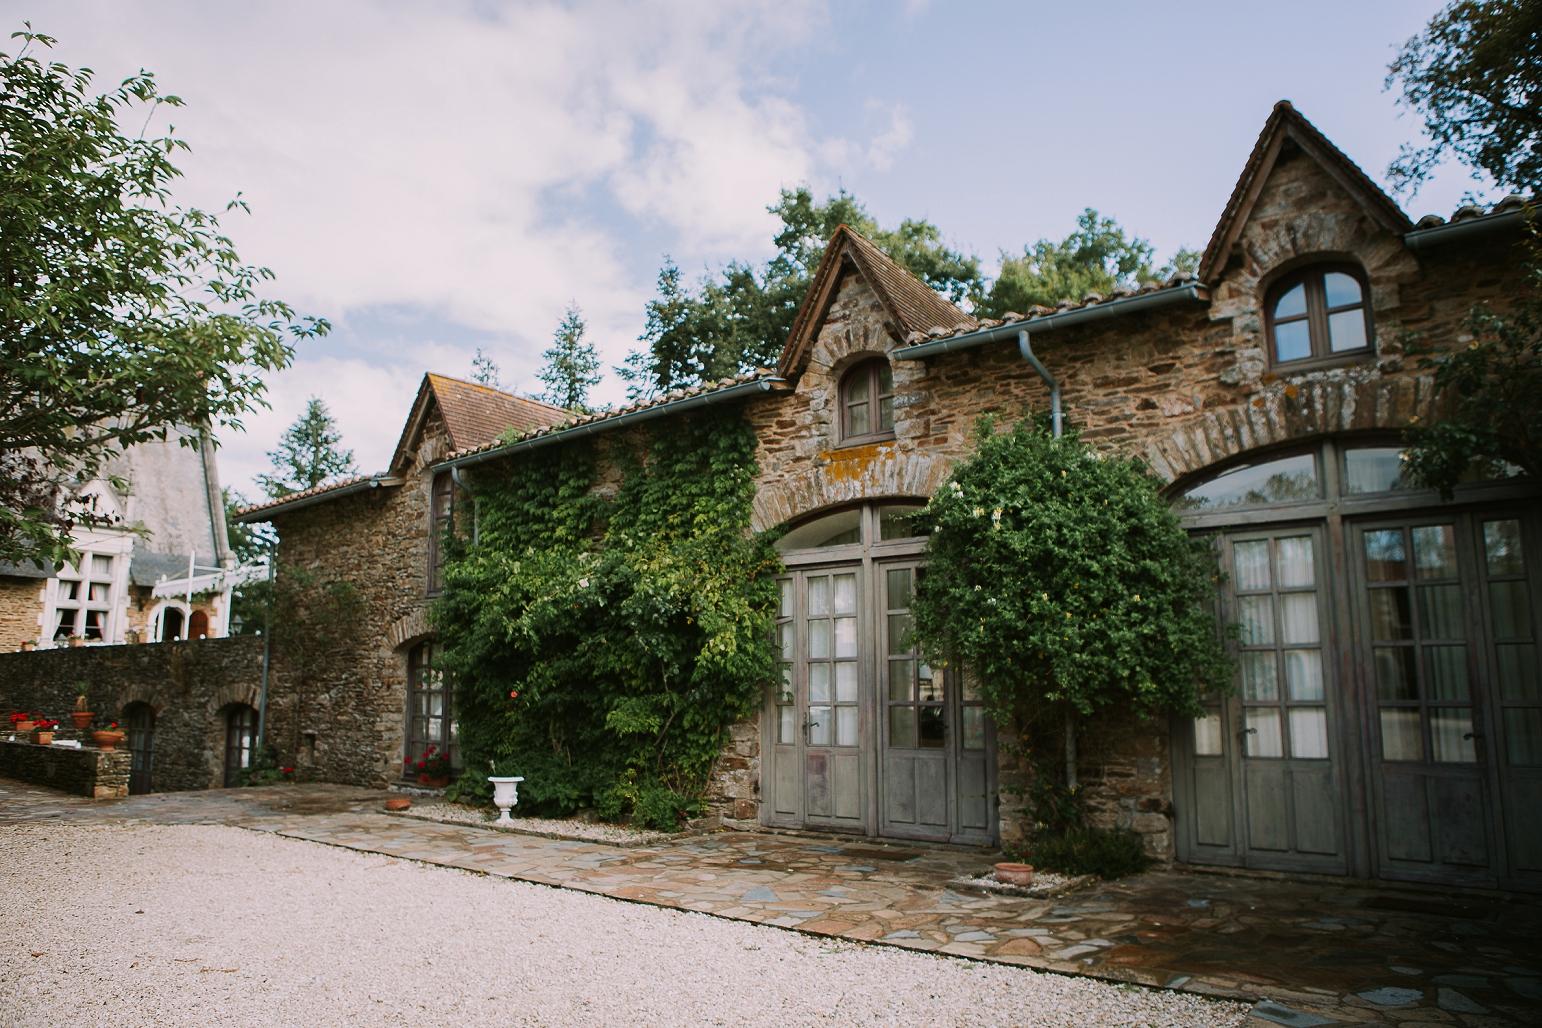 kateryna-photos-mariage-wedding-france-bretagne-pays-de-la-loire-chateau-de-la-colaissiere-st-sauveur-de-landemont_0004.jpg